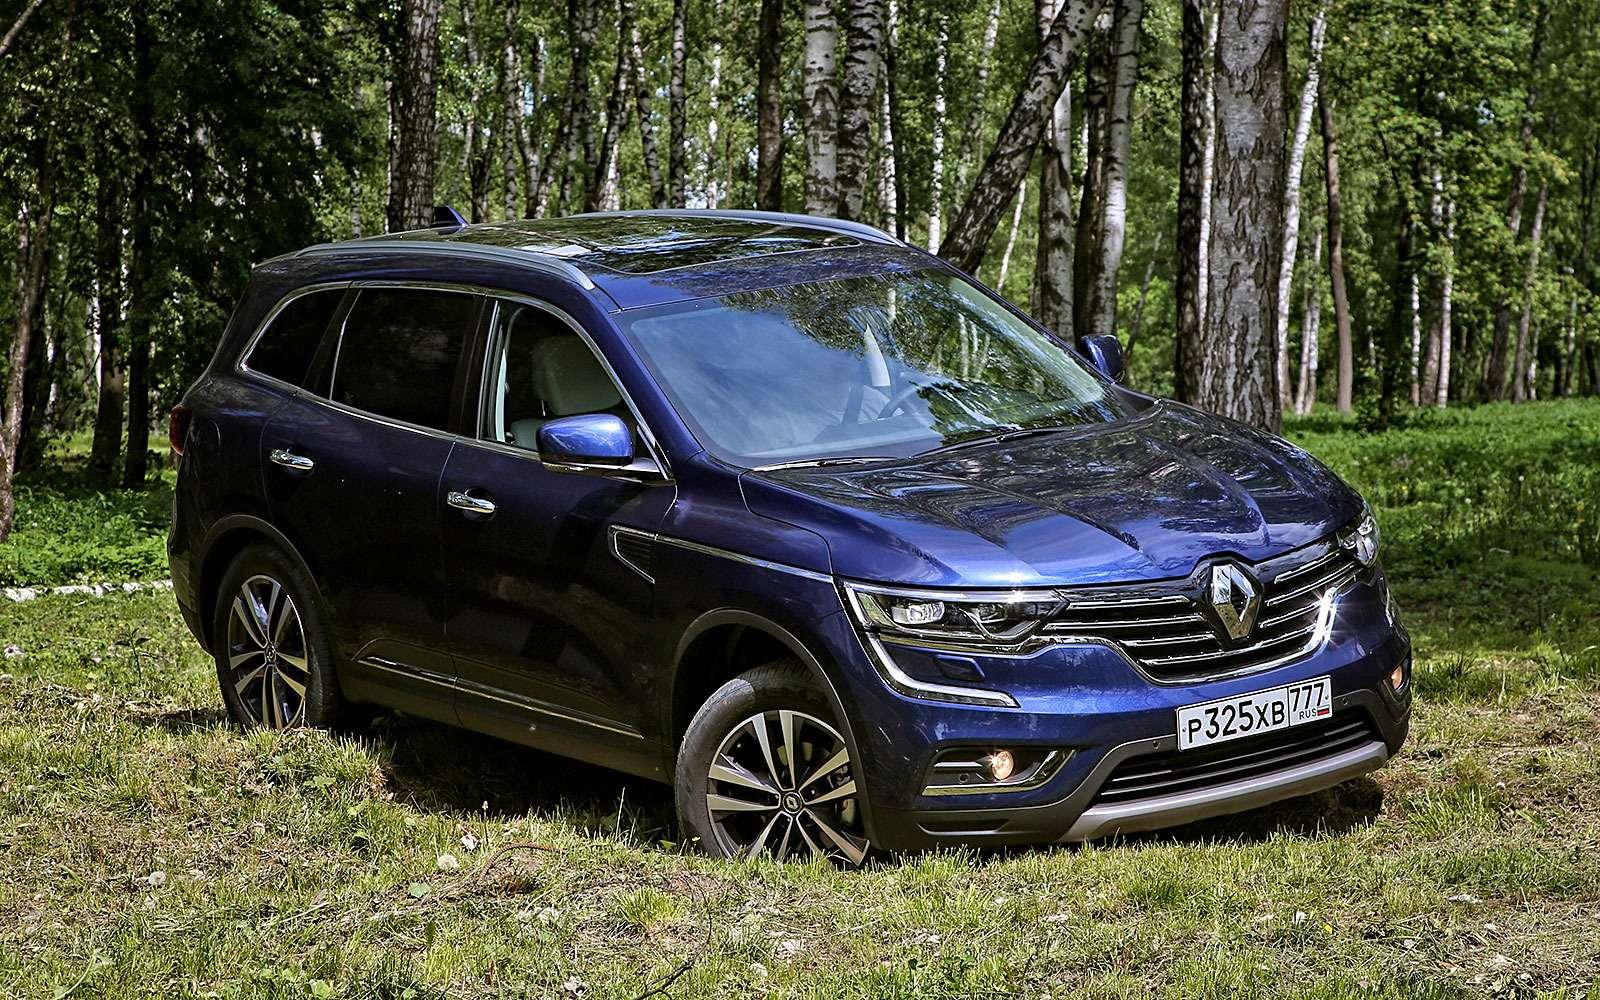 Секретные функции Renault Koleos, Duster, Logan идругих моделей— фото 878488